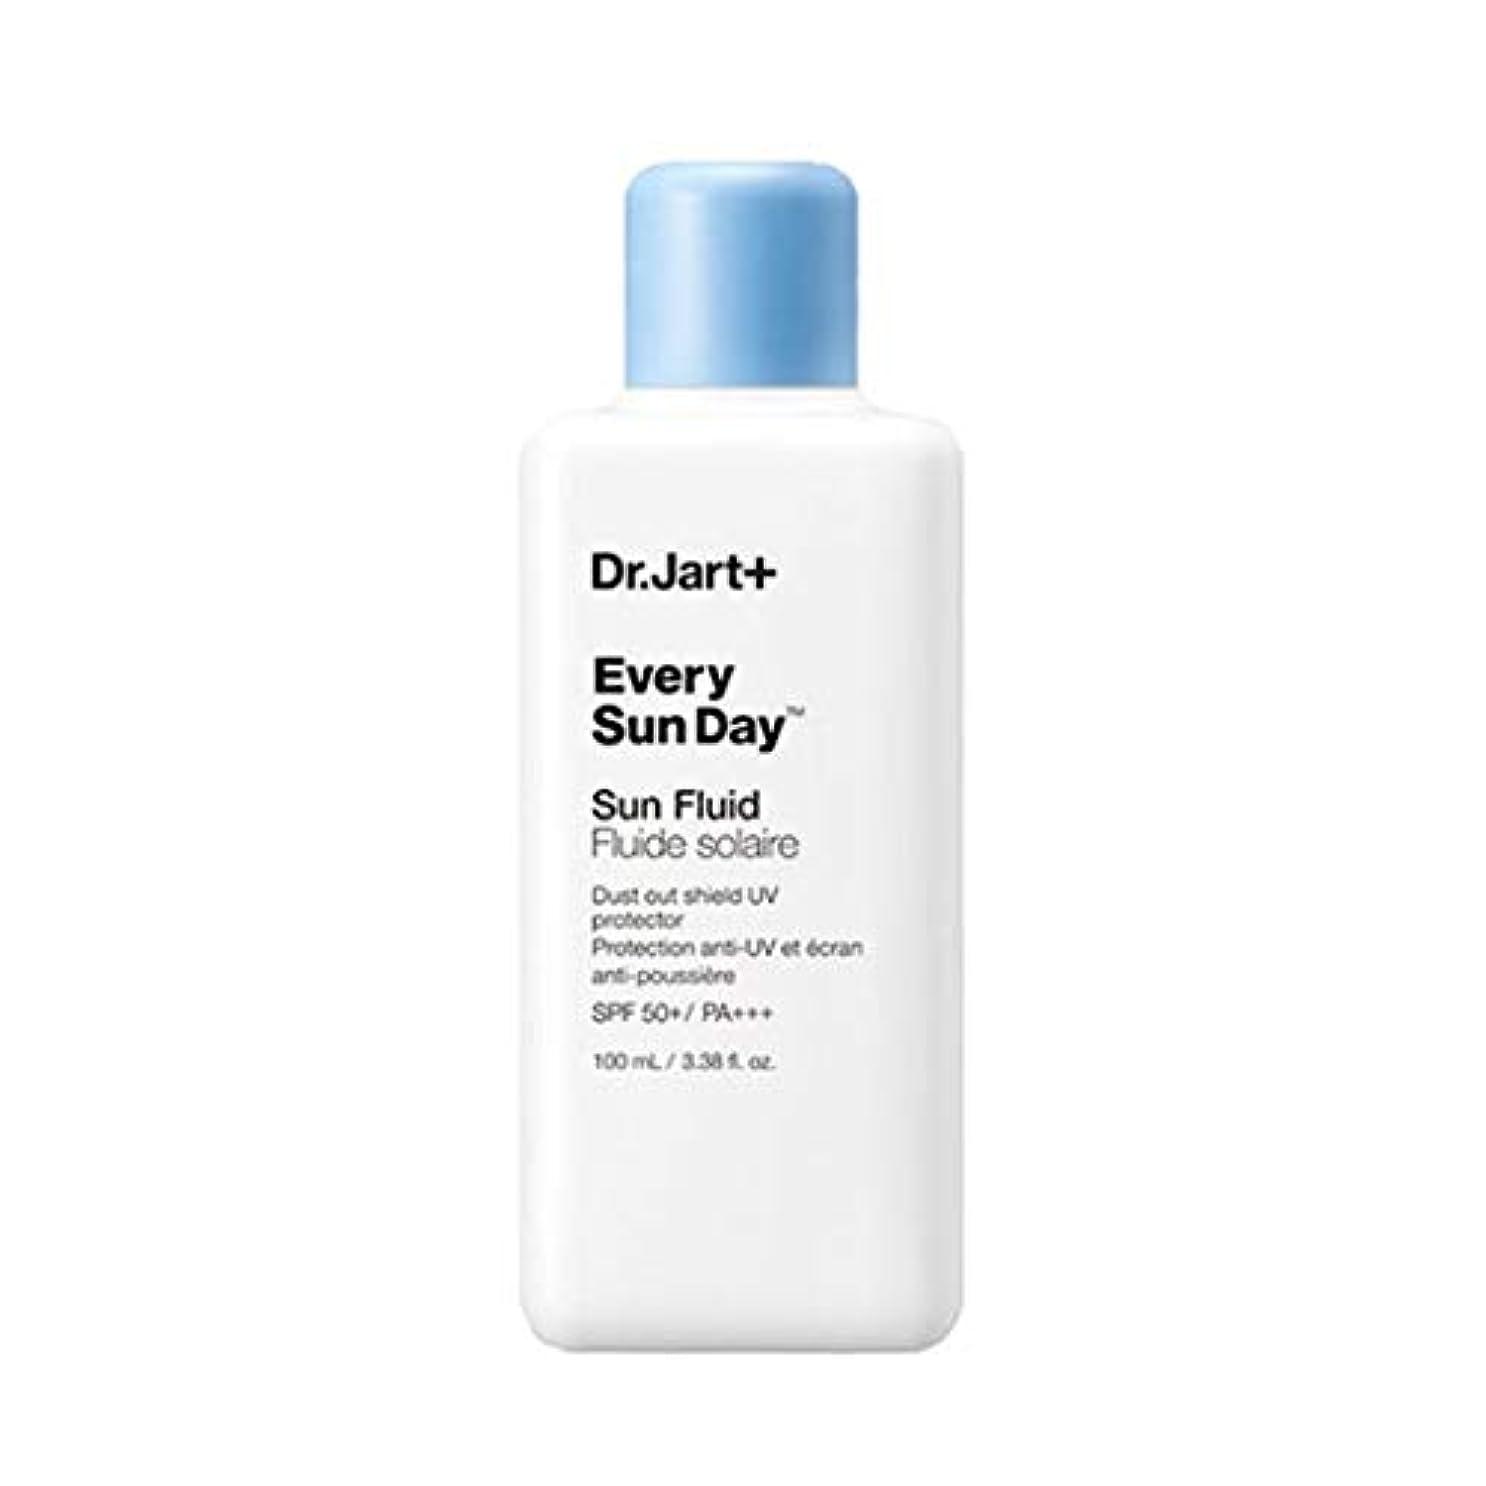 校長いつ証言ドクタージャルトゥエヴリサンデーソンプルルイドゥSPF50+PA+++100mlソンクリム、Dr.Jart Every Sun Day Sun Fluid SPF50+ PA+++ 100ml Sun Cream [並行輸入品]